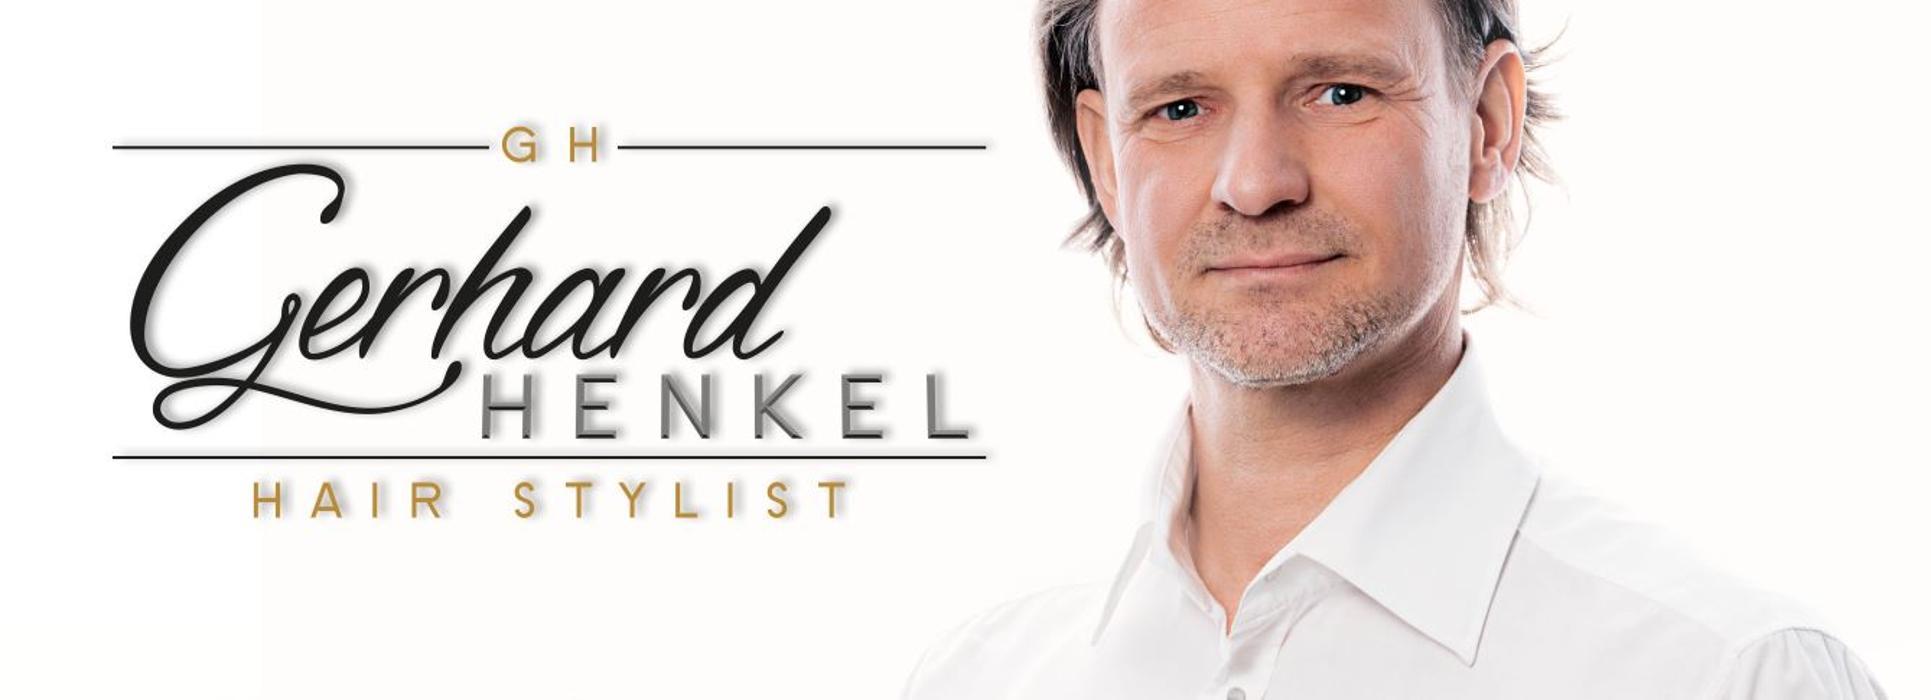 Bild zu Gerhard Henkel Hairstylist in Bobingen